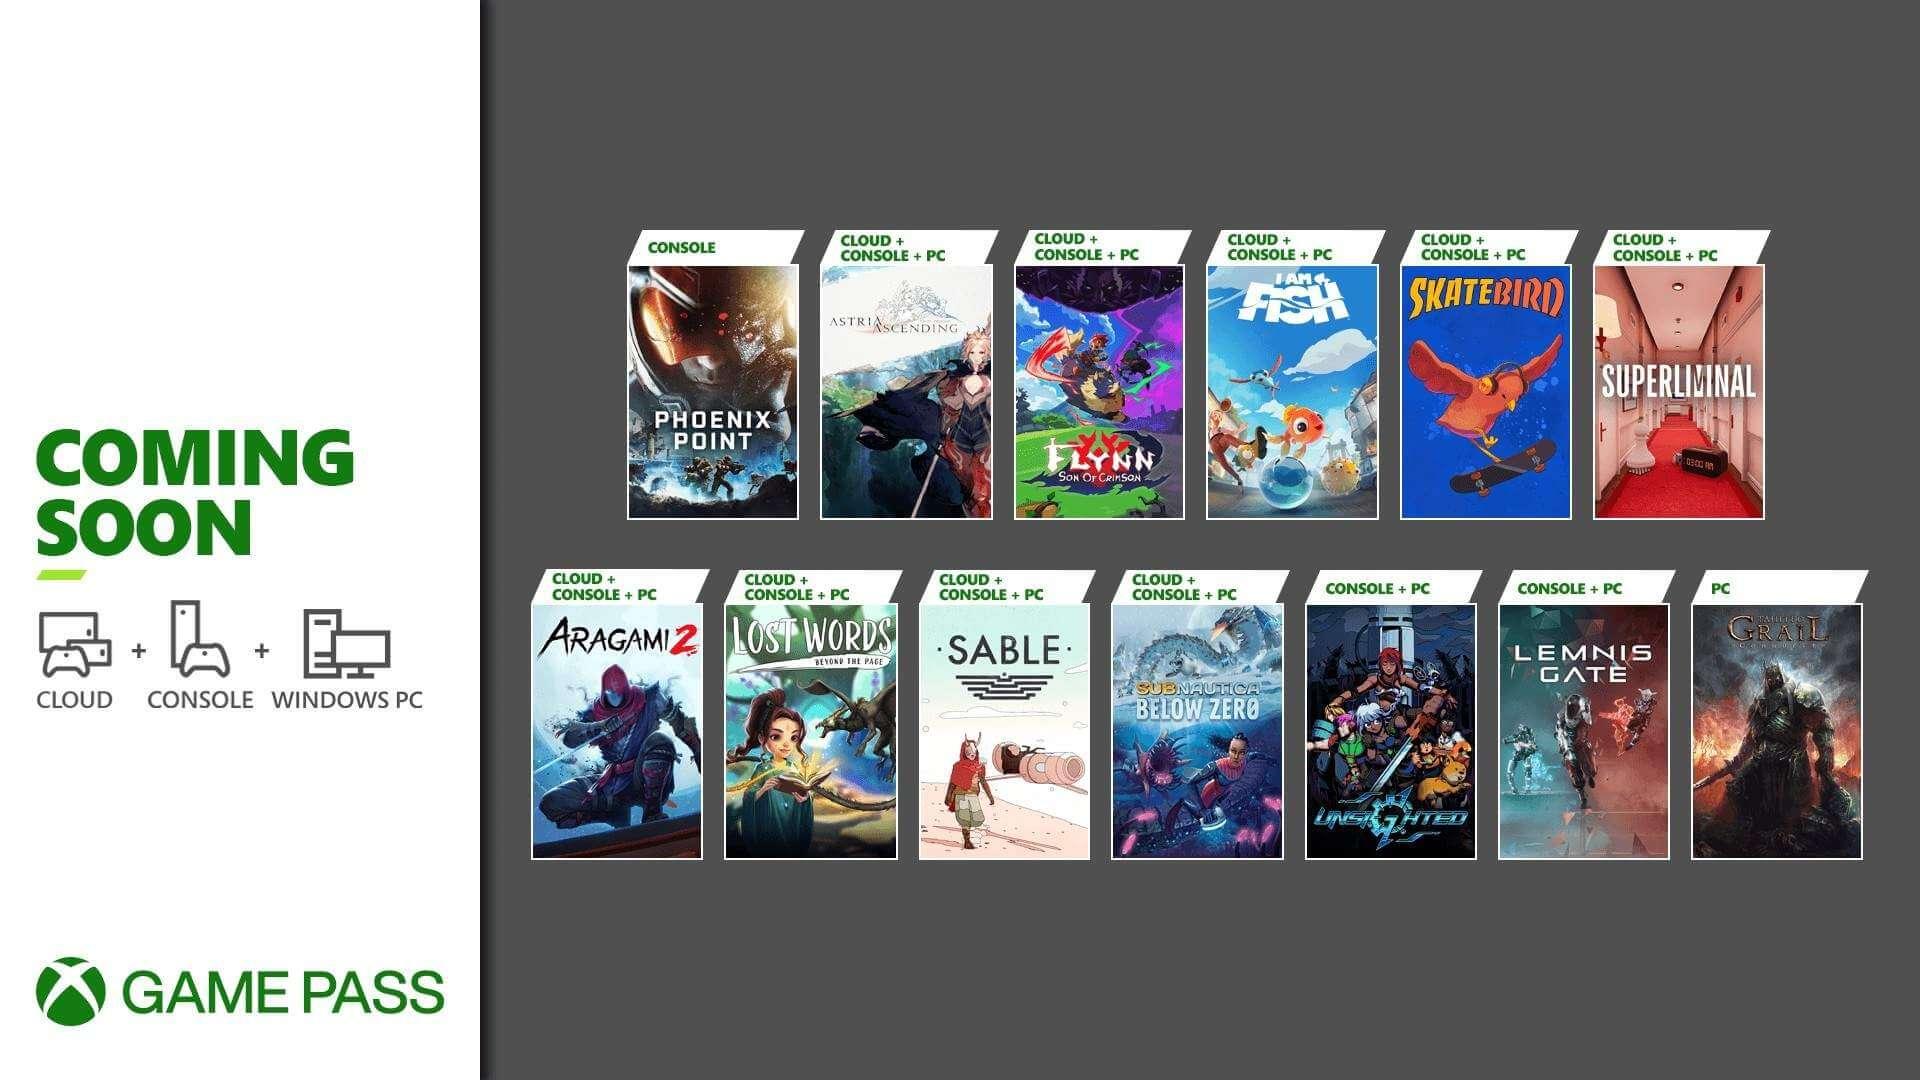 Ανακοινωθήκαν οι νέες προσθήκες του XBOX Game Pass για το 2ο μισό του Σεπτεμβρίου